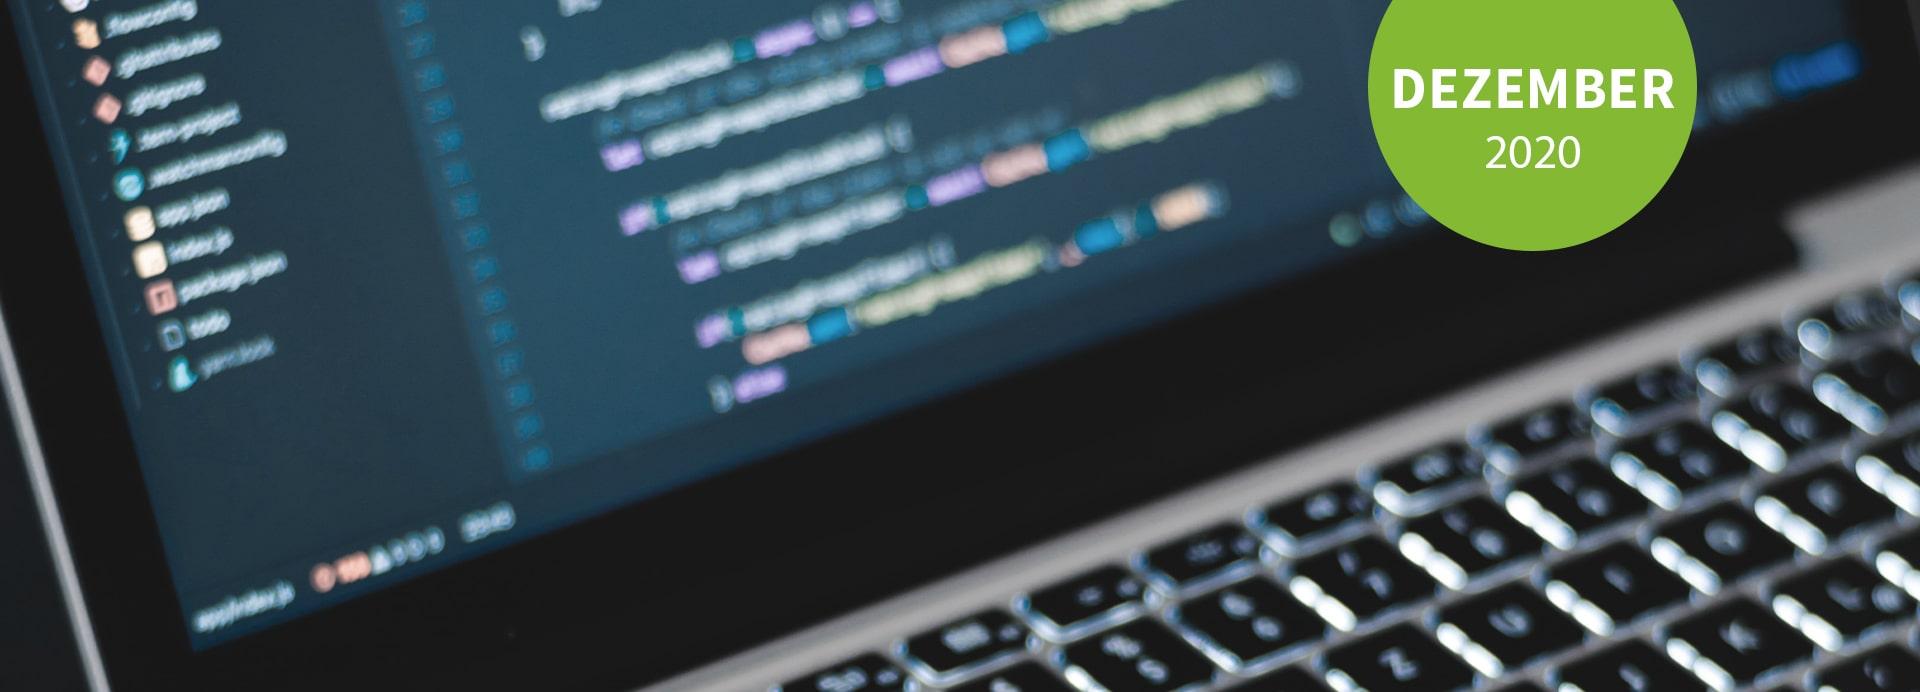 Jahresrückblick 2020 und neues aus der VARIO Entwicklung